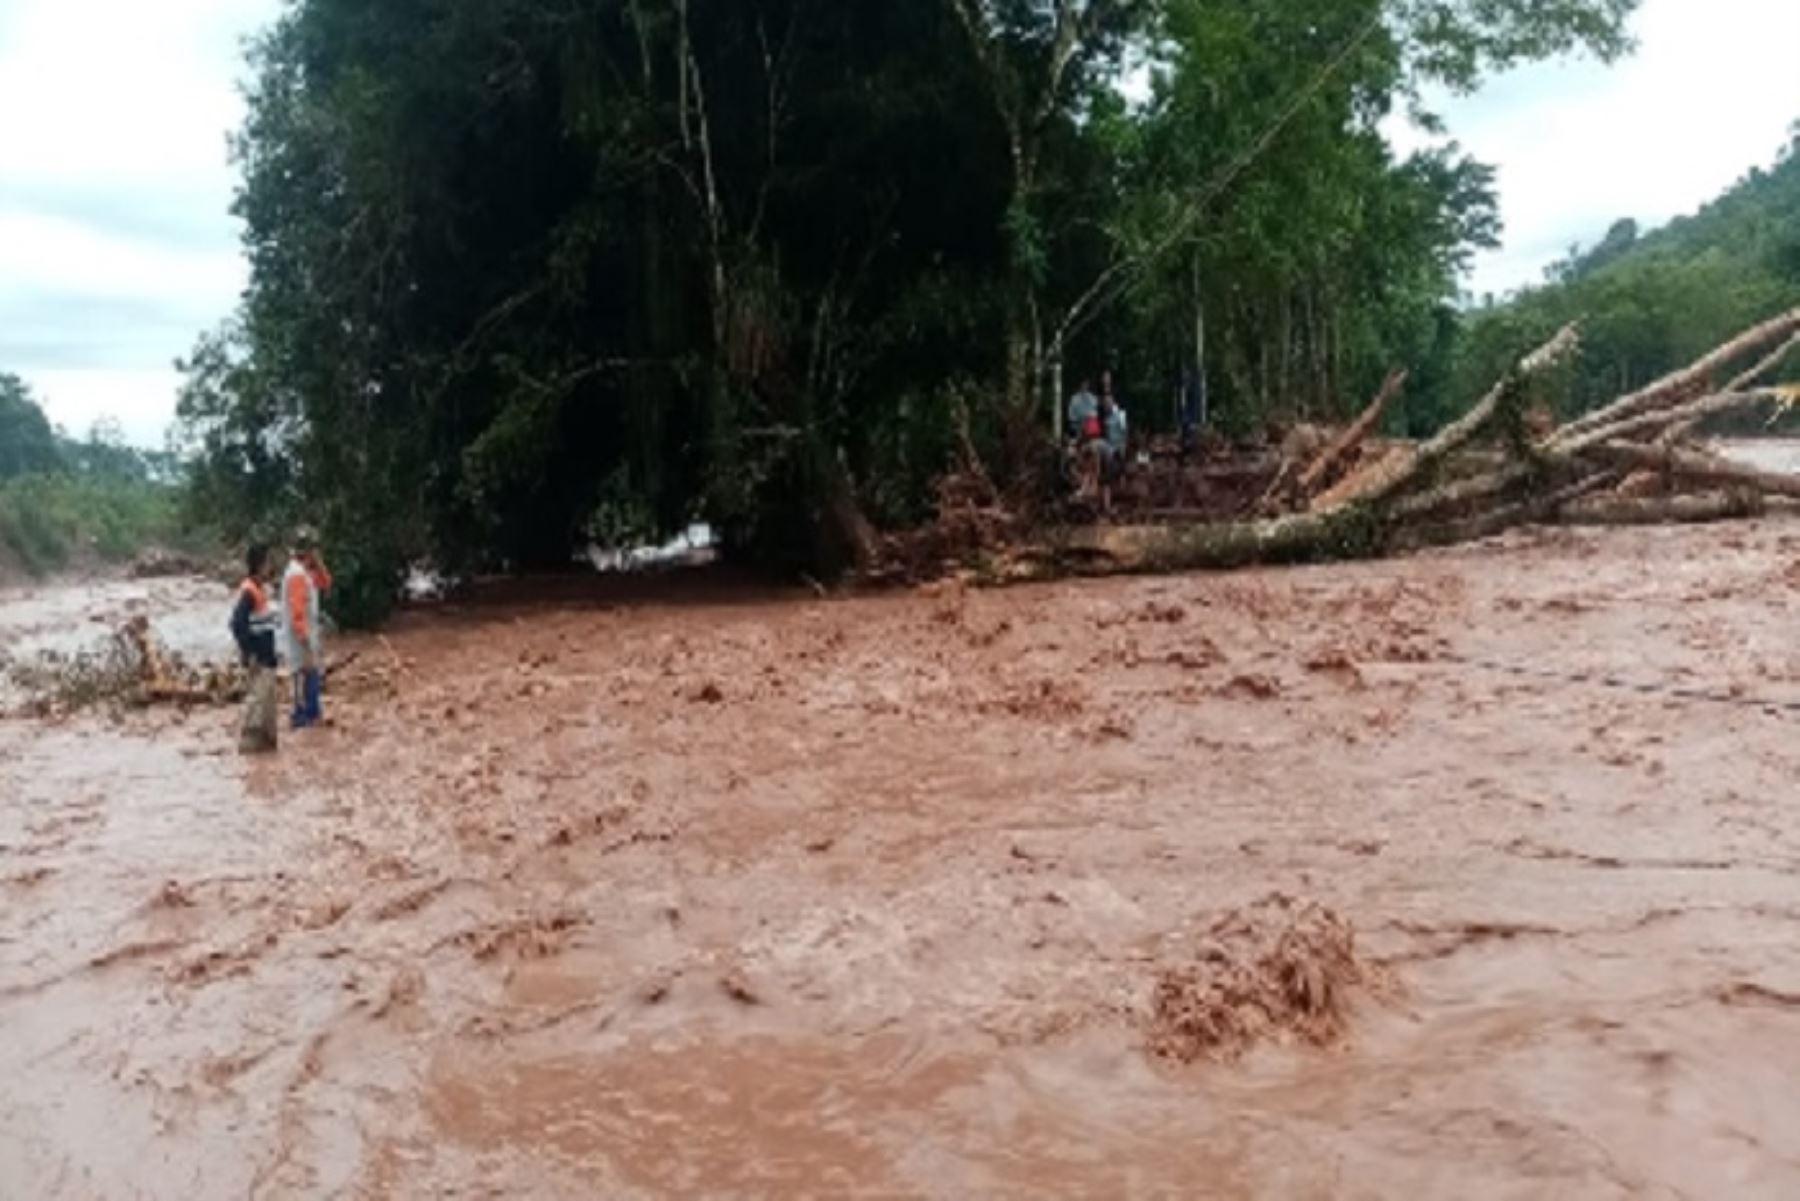 San Martín registró nuevo récord de lluvia al acumular 152,5 milímetros en 24 horas